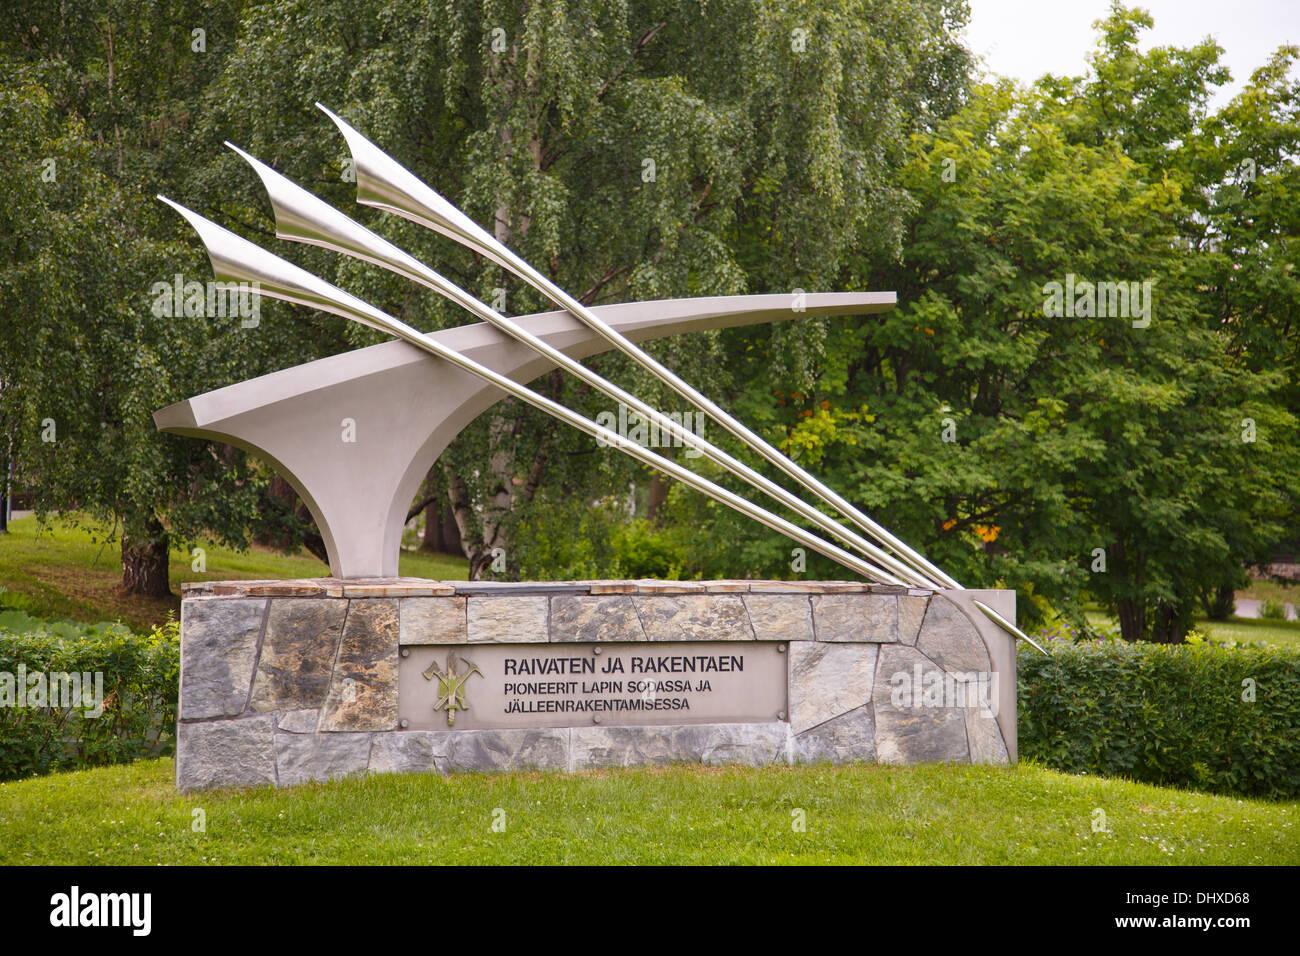 Memoriale della lotta contro gli ingegneri che hanno cancellato le mine di terra e gettò le fondamenta per la ri-costruzione di Rovaniemi, distrutta nel WW2. Immagini Stock